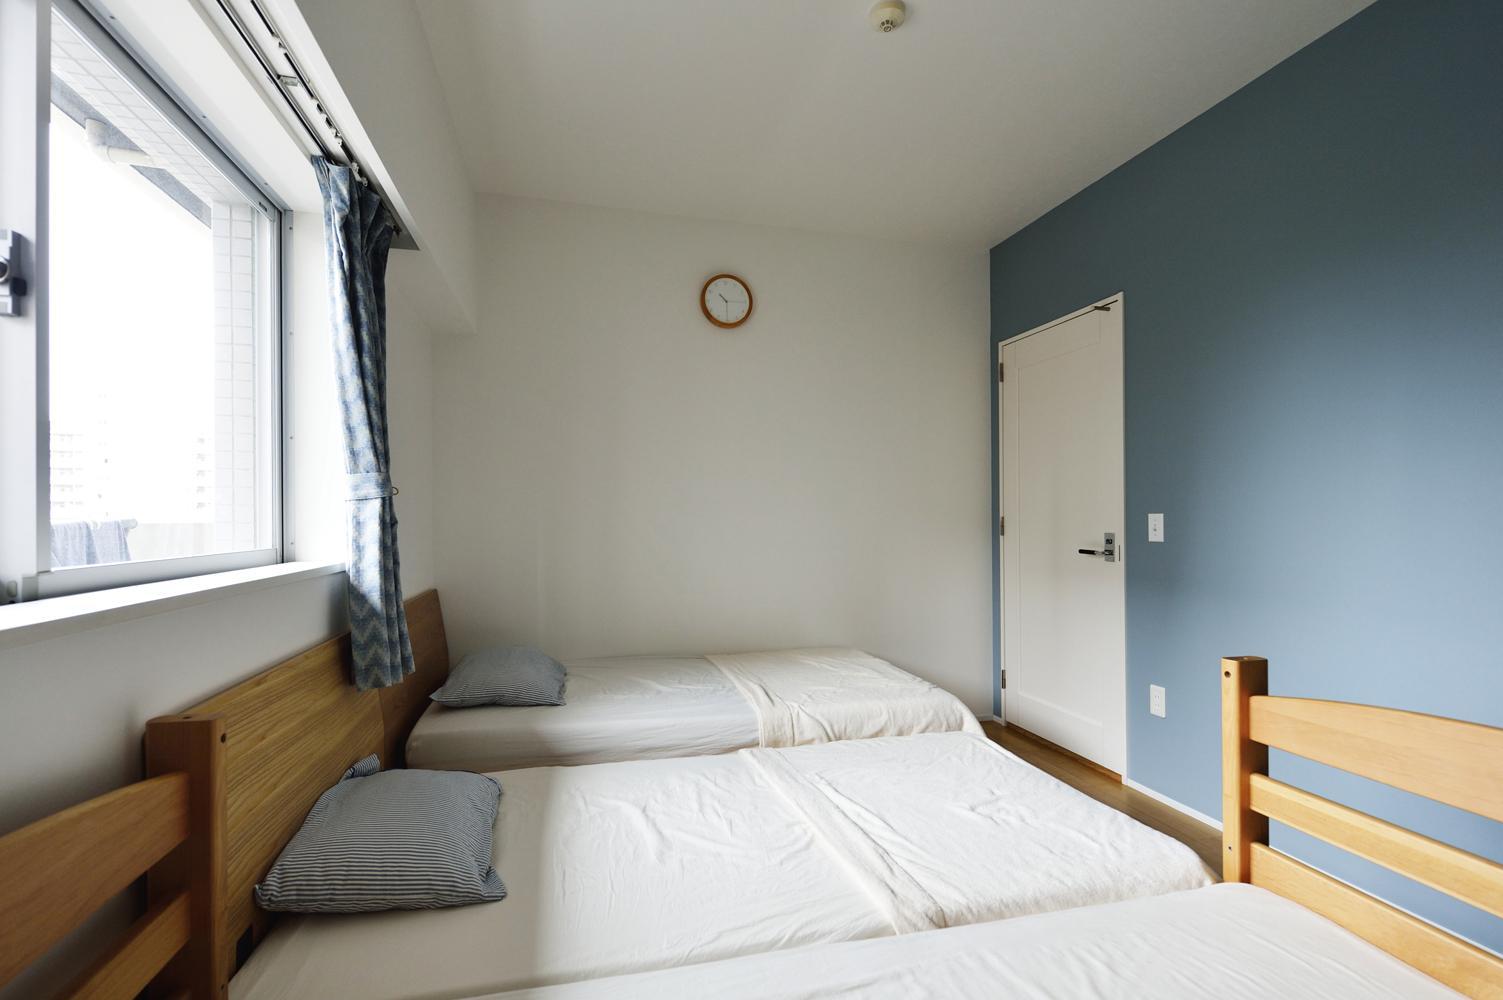 N邸・素足が気もち良い 広々リビングの部屋 ベッドルーム